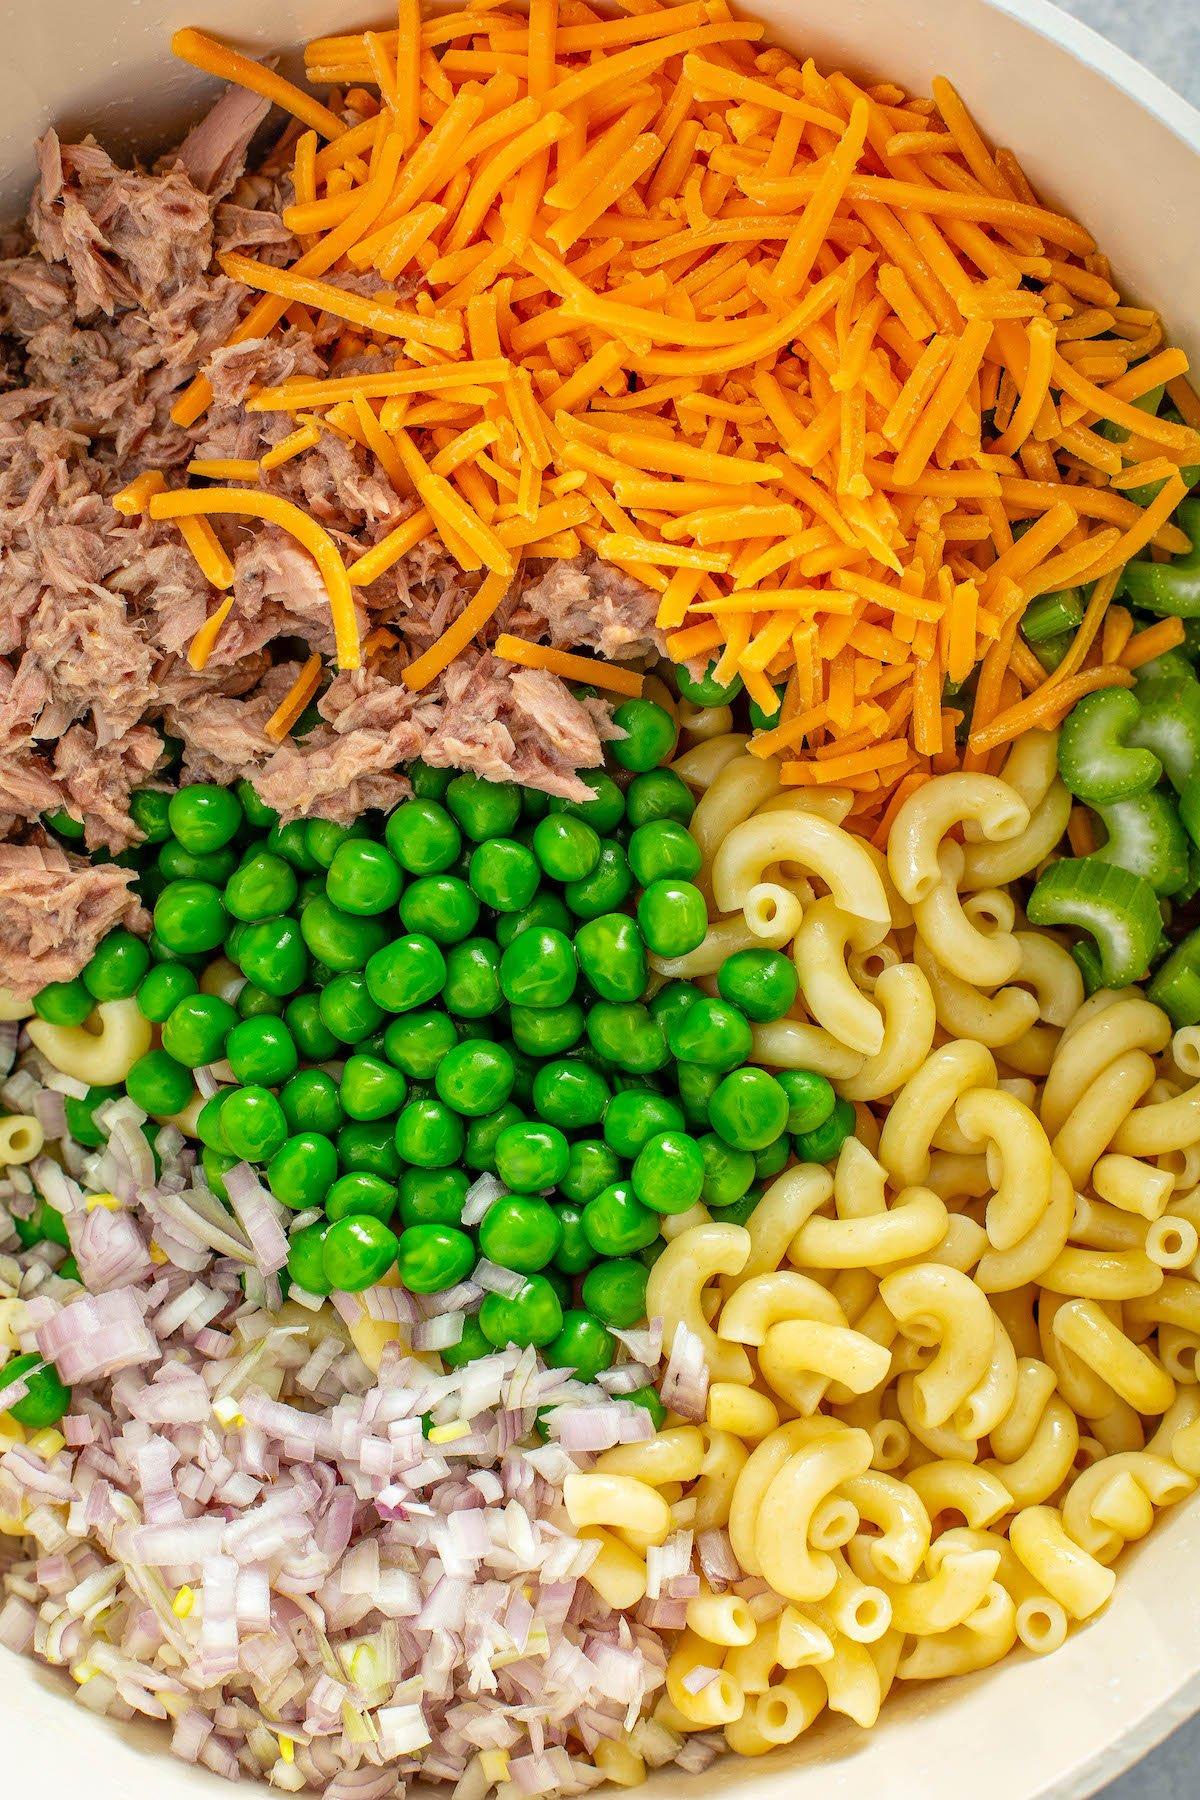 Bowl full of cheese, peas, macaroni, tuna, and more.